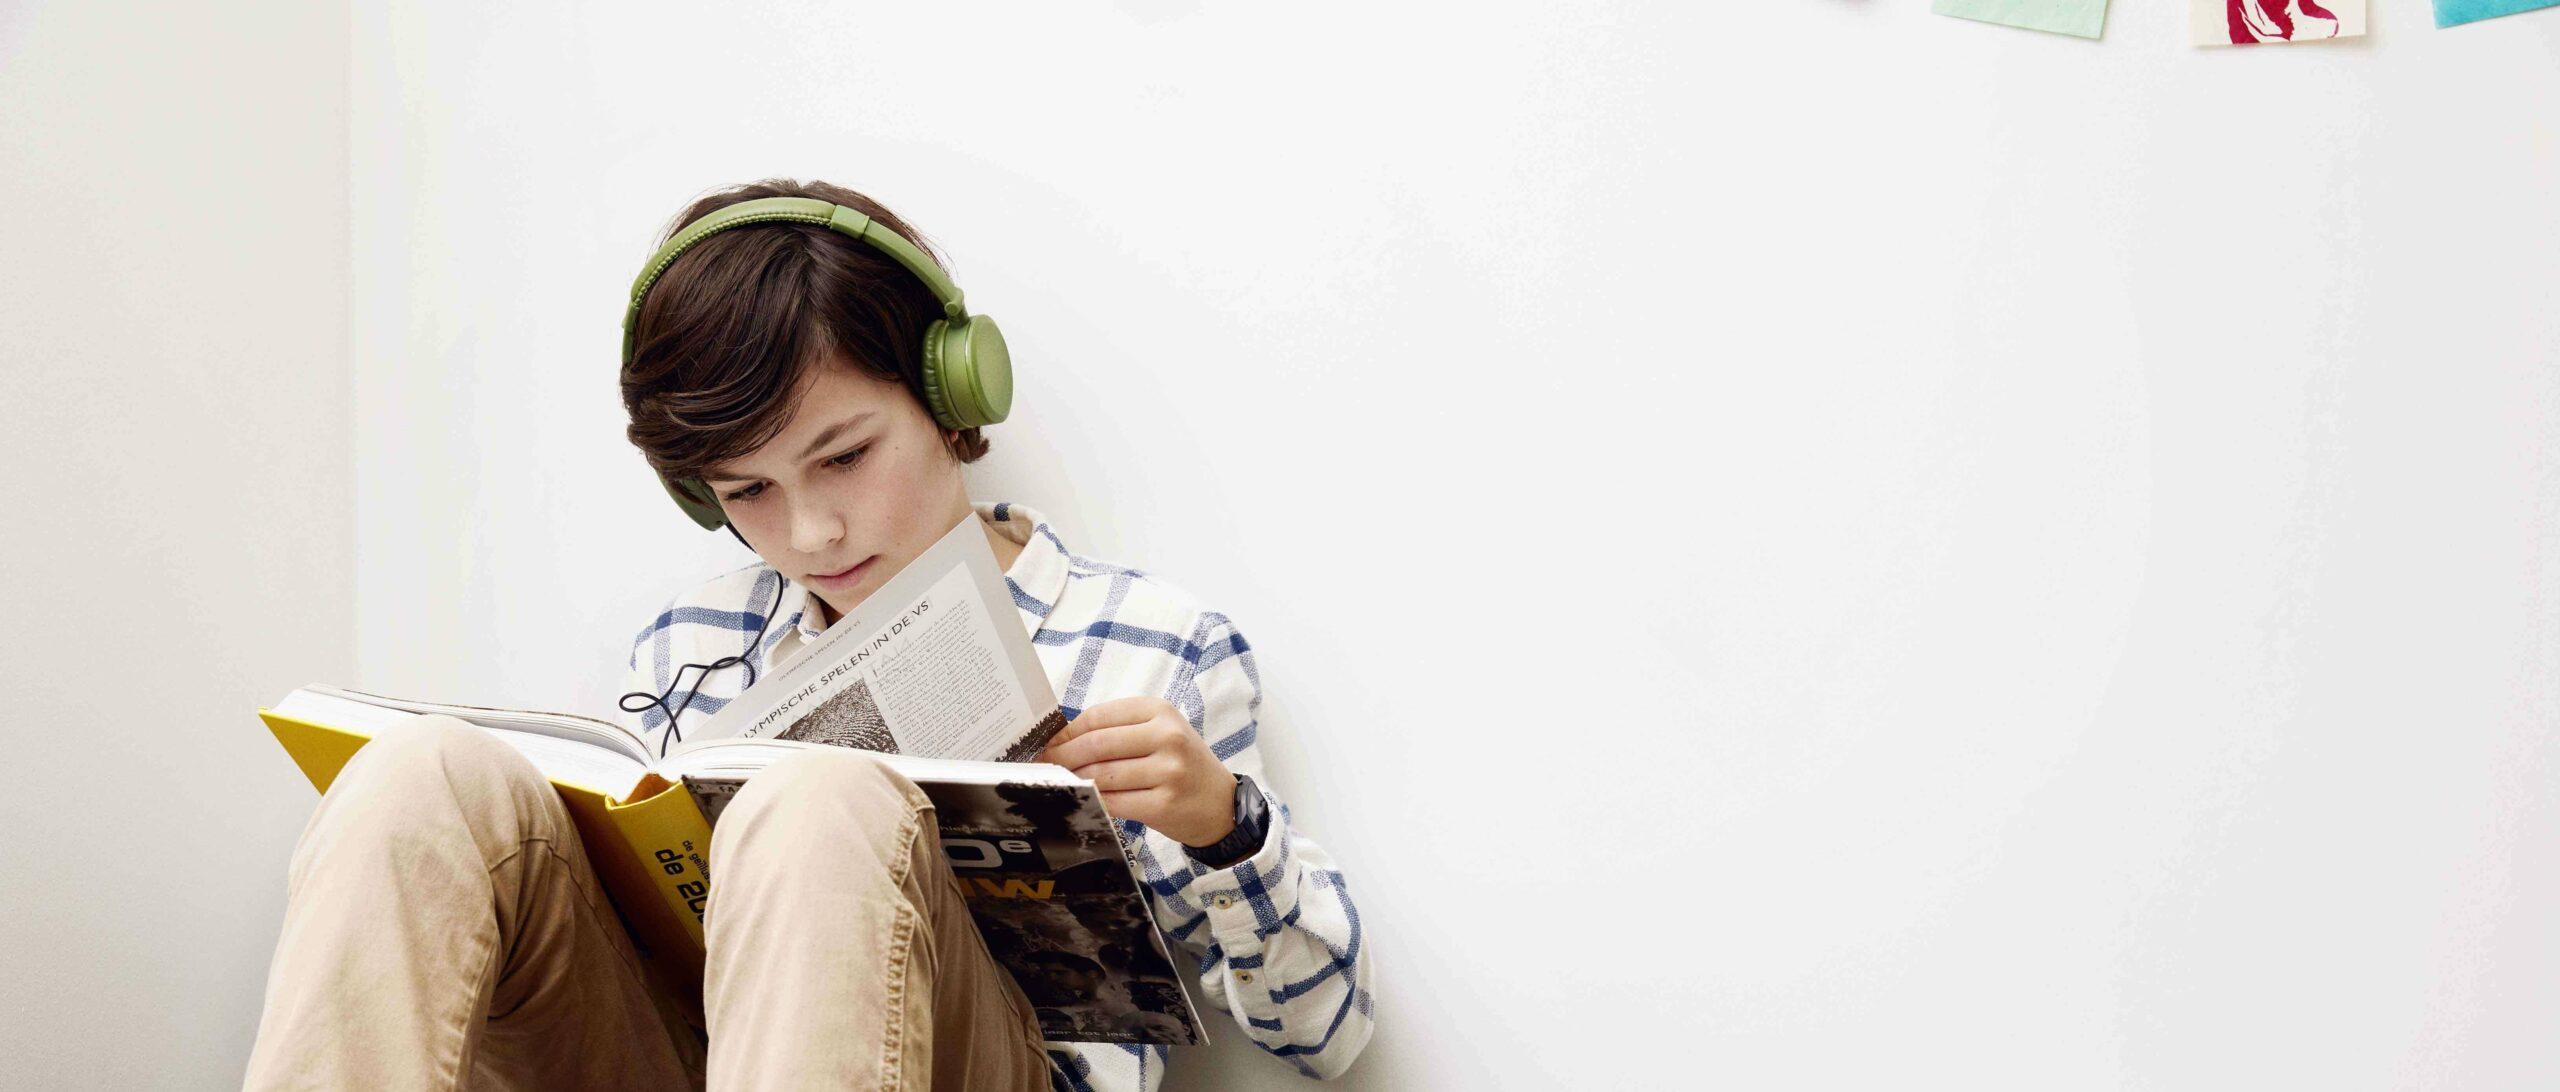 Lezende jongen met koptelefoon